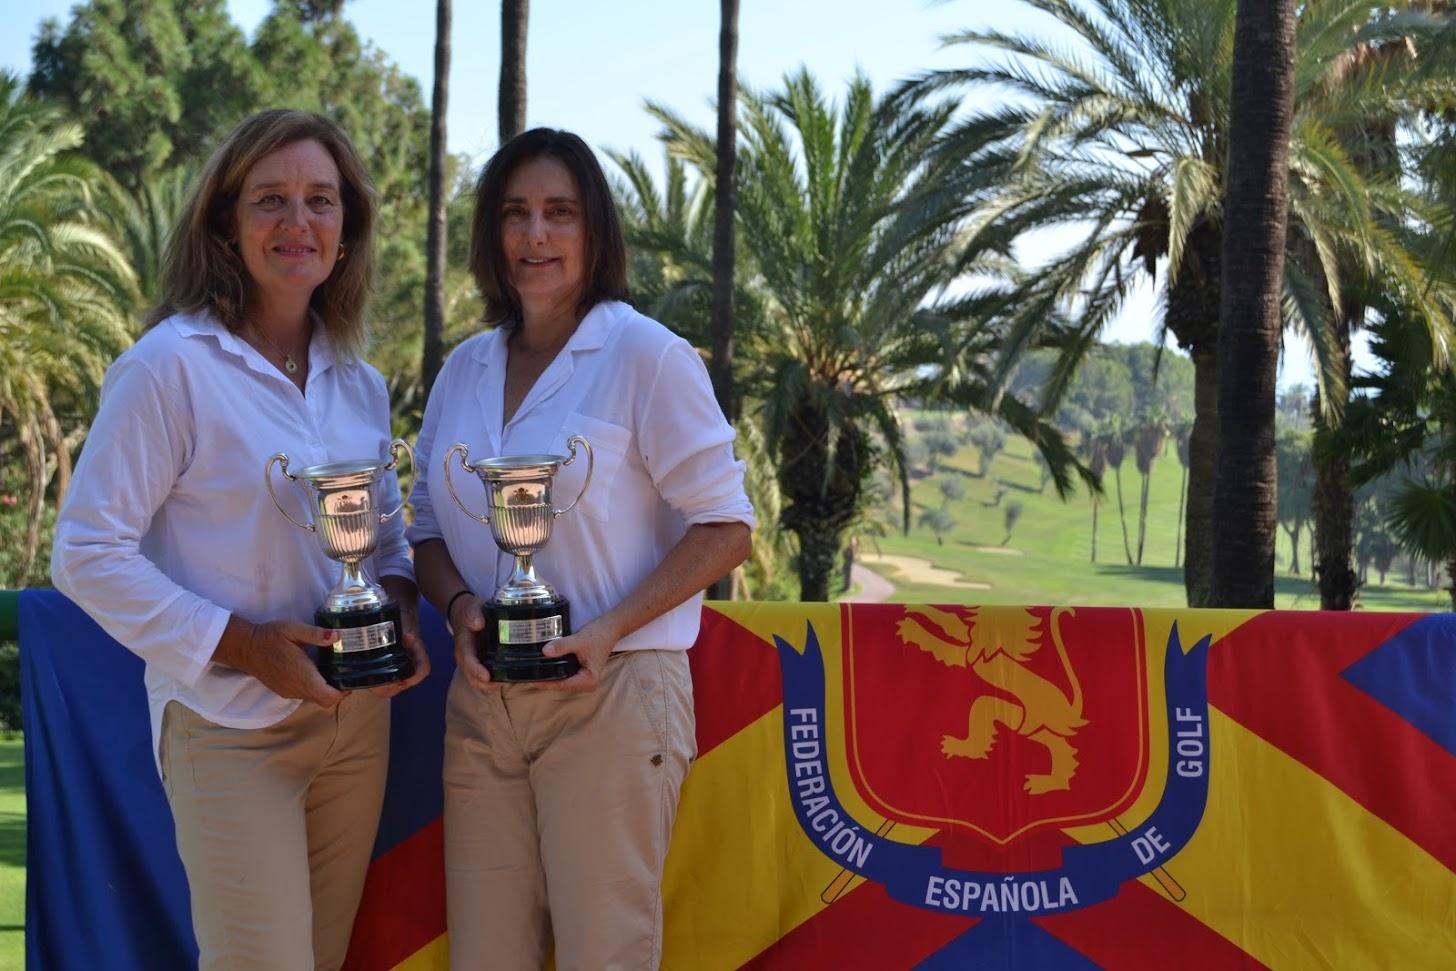 Soledad Desvalls y María Trallero Campeonas de España Dobles Senior Femenino 2019